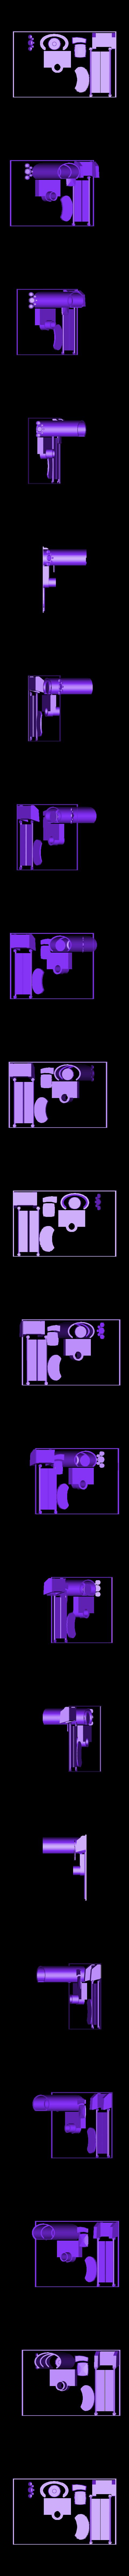 SciFi_Plate_3_White.stl Télécharger fichier STL gratuit Plaques d'impression SciFi Playset • Objet à imprimer en 3D, gabutoillegna56